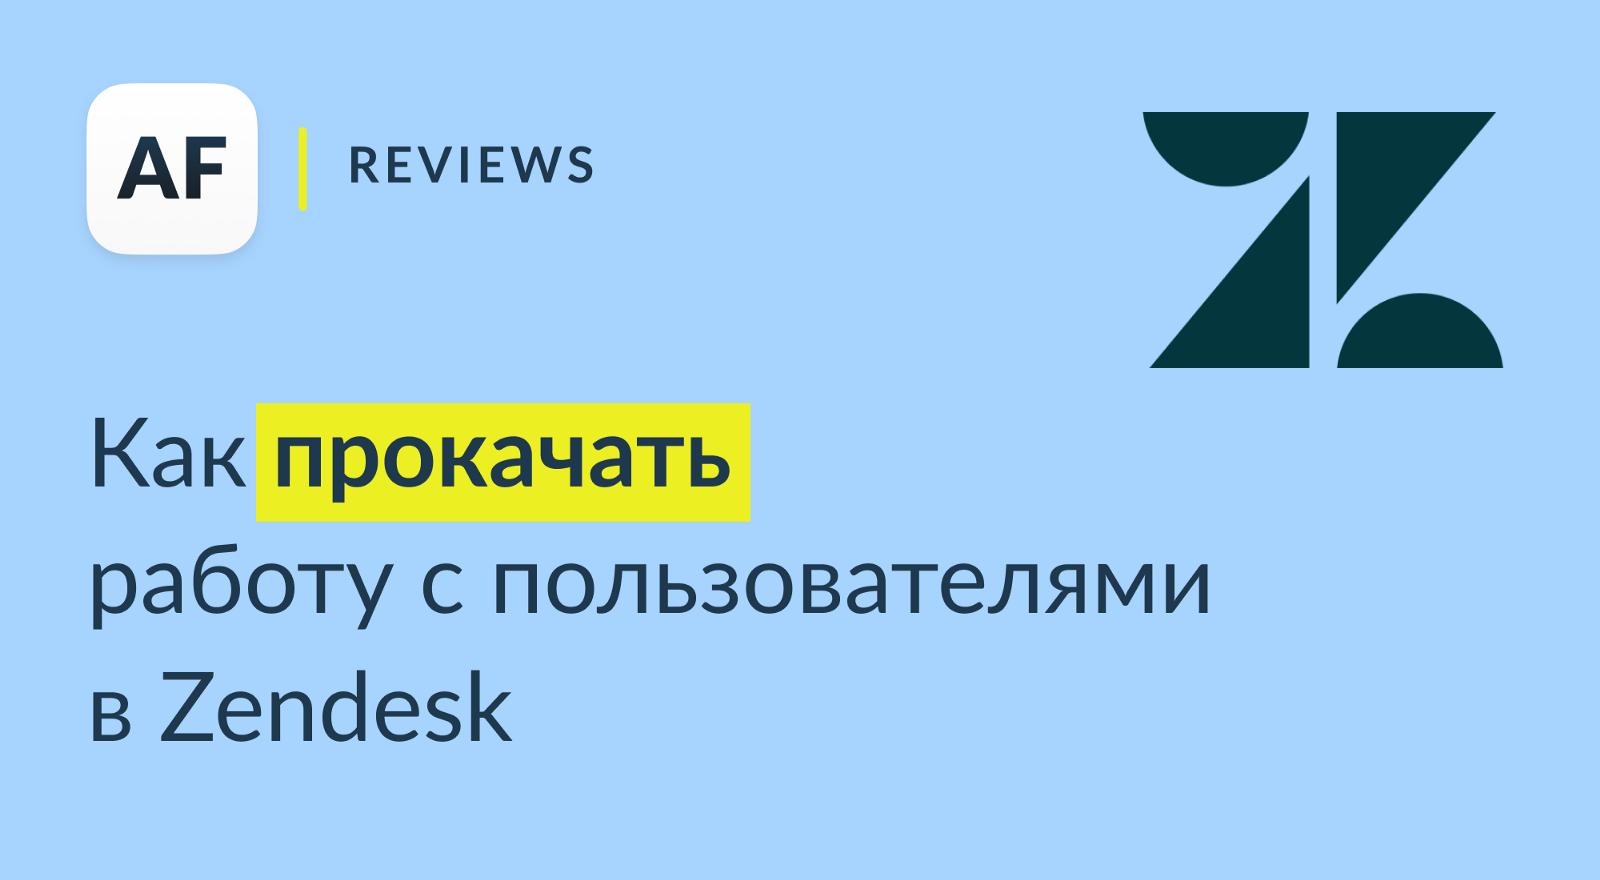 Как прокачать работу с пользователями в Zendesk